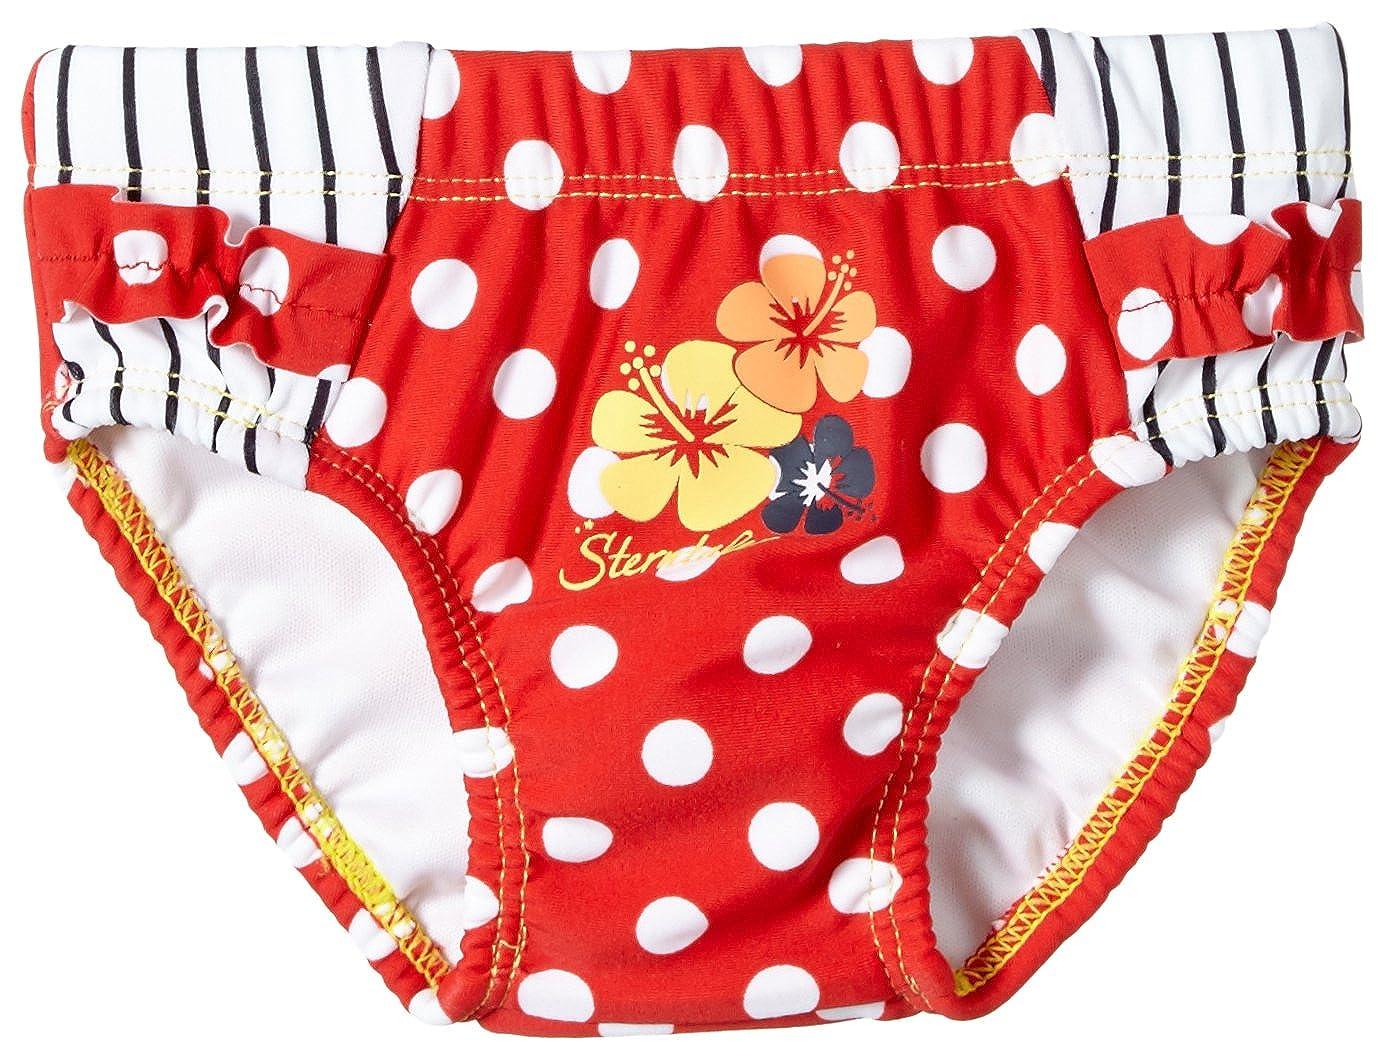 Sterntaler Baby - Mädchen Schwimmwindel Badehose Sterntaler GmbH (Apparel NEW) 2501503